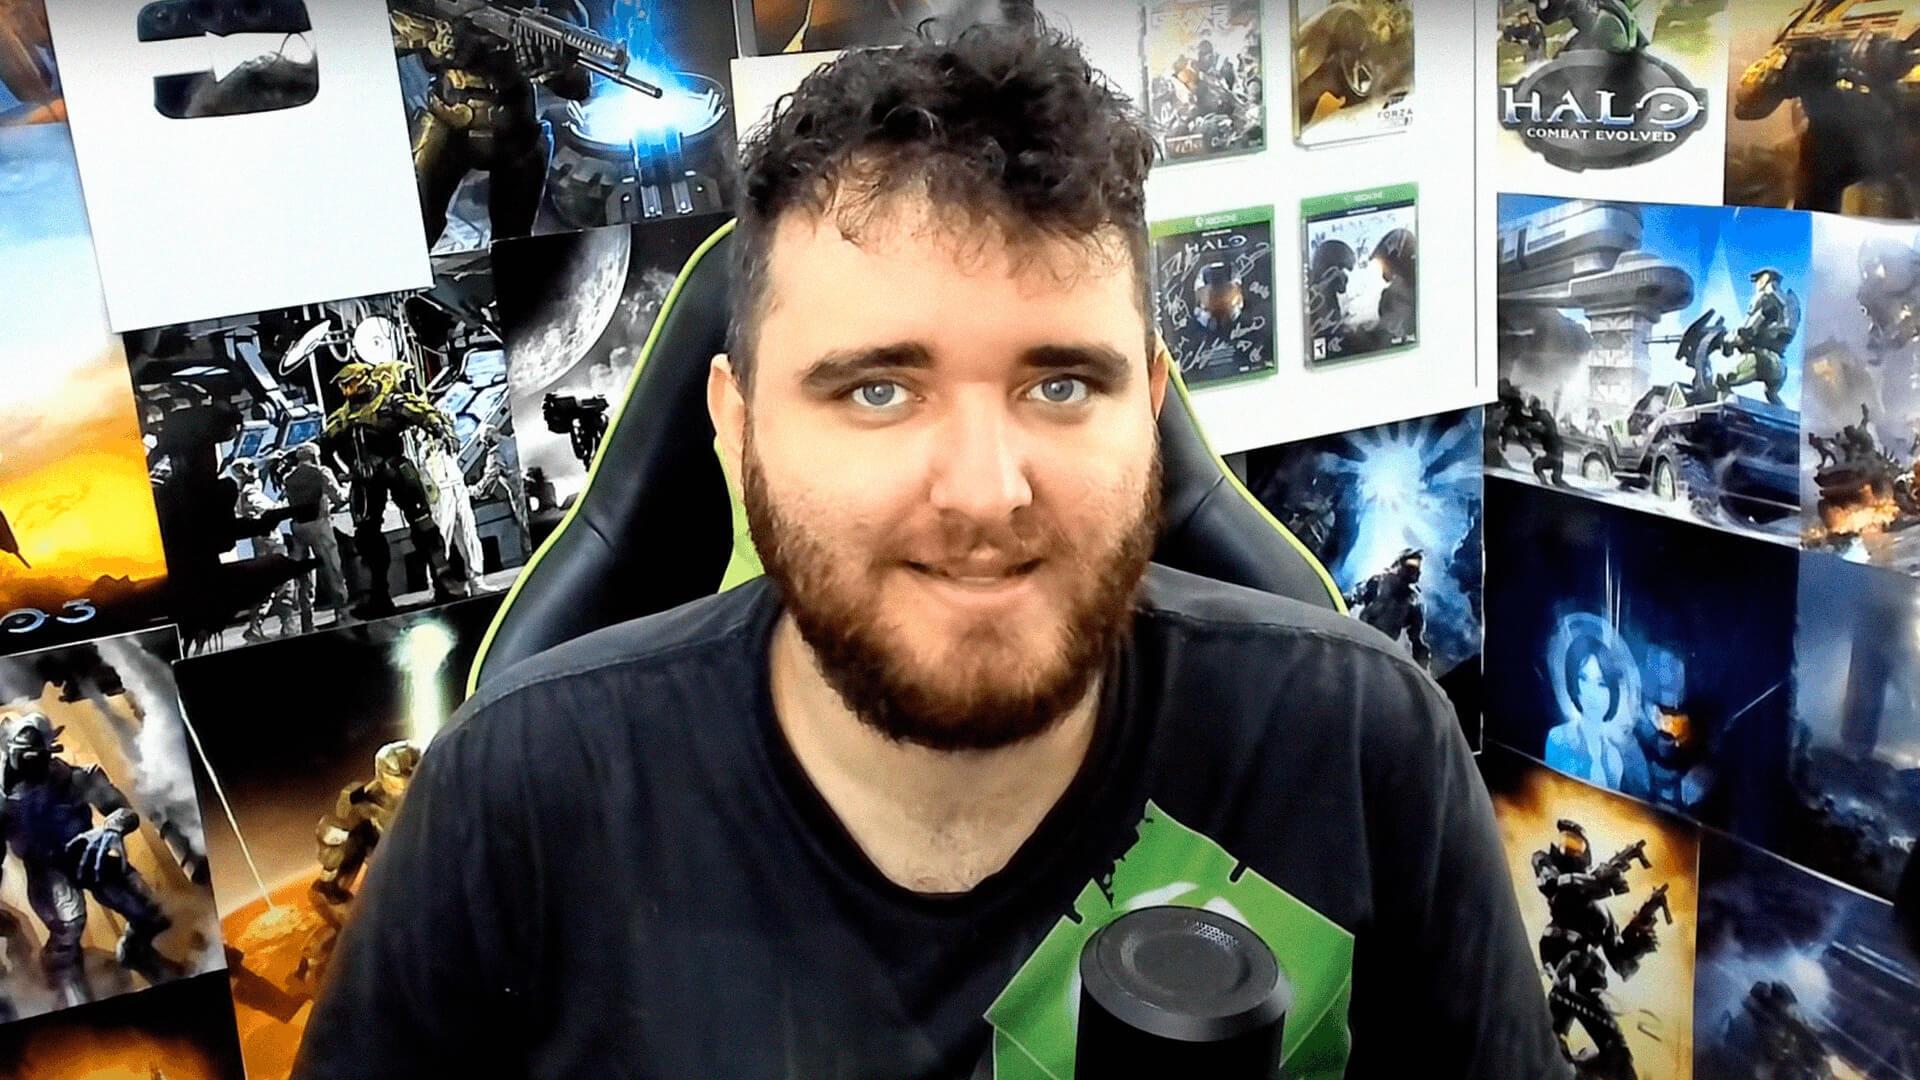 Xbox Mil Grau | Processo de racismo é arquivado por falta de provas 1